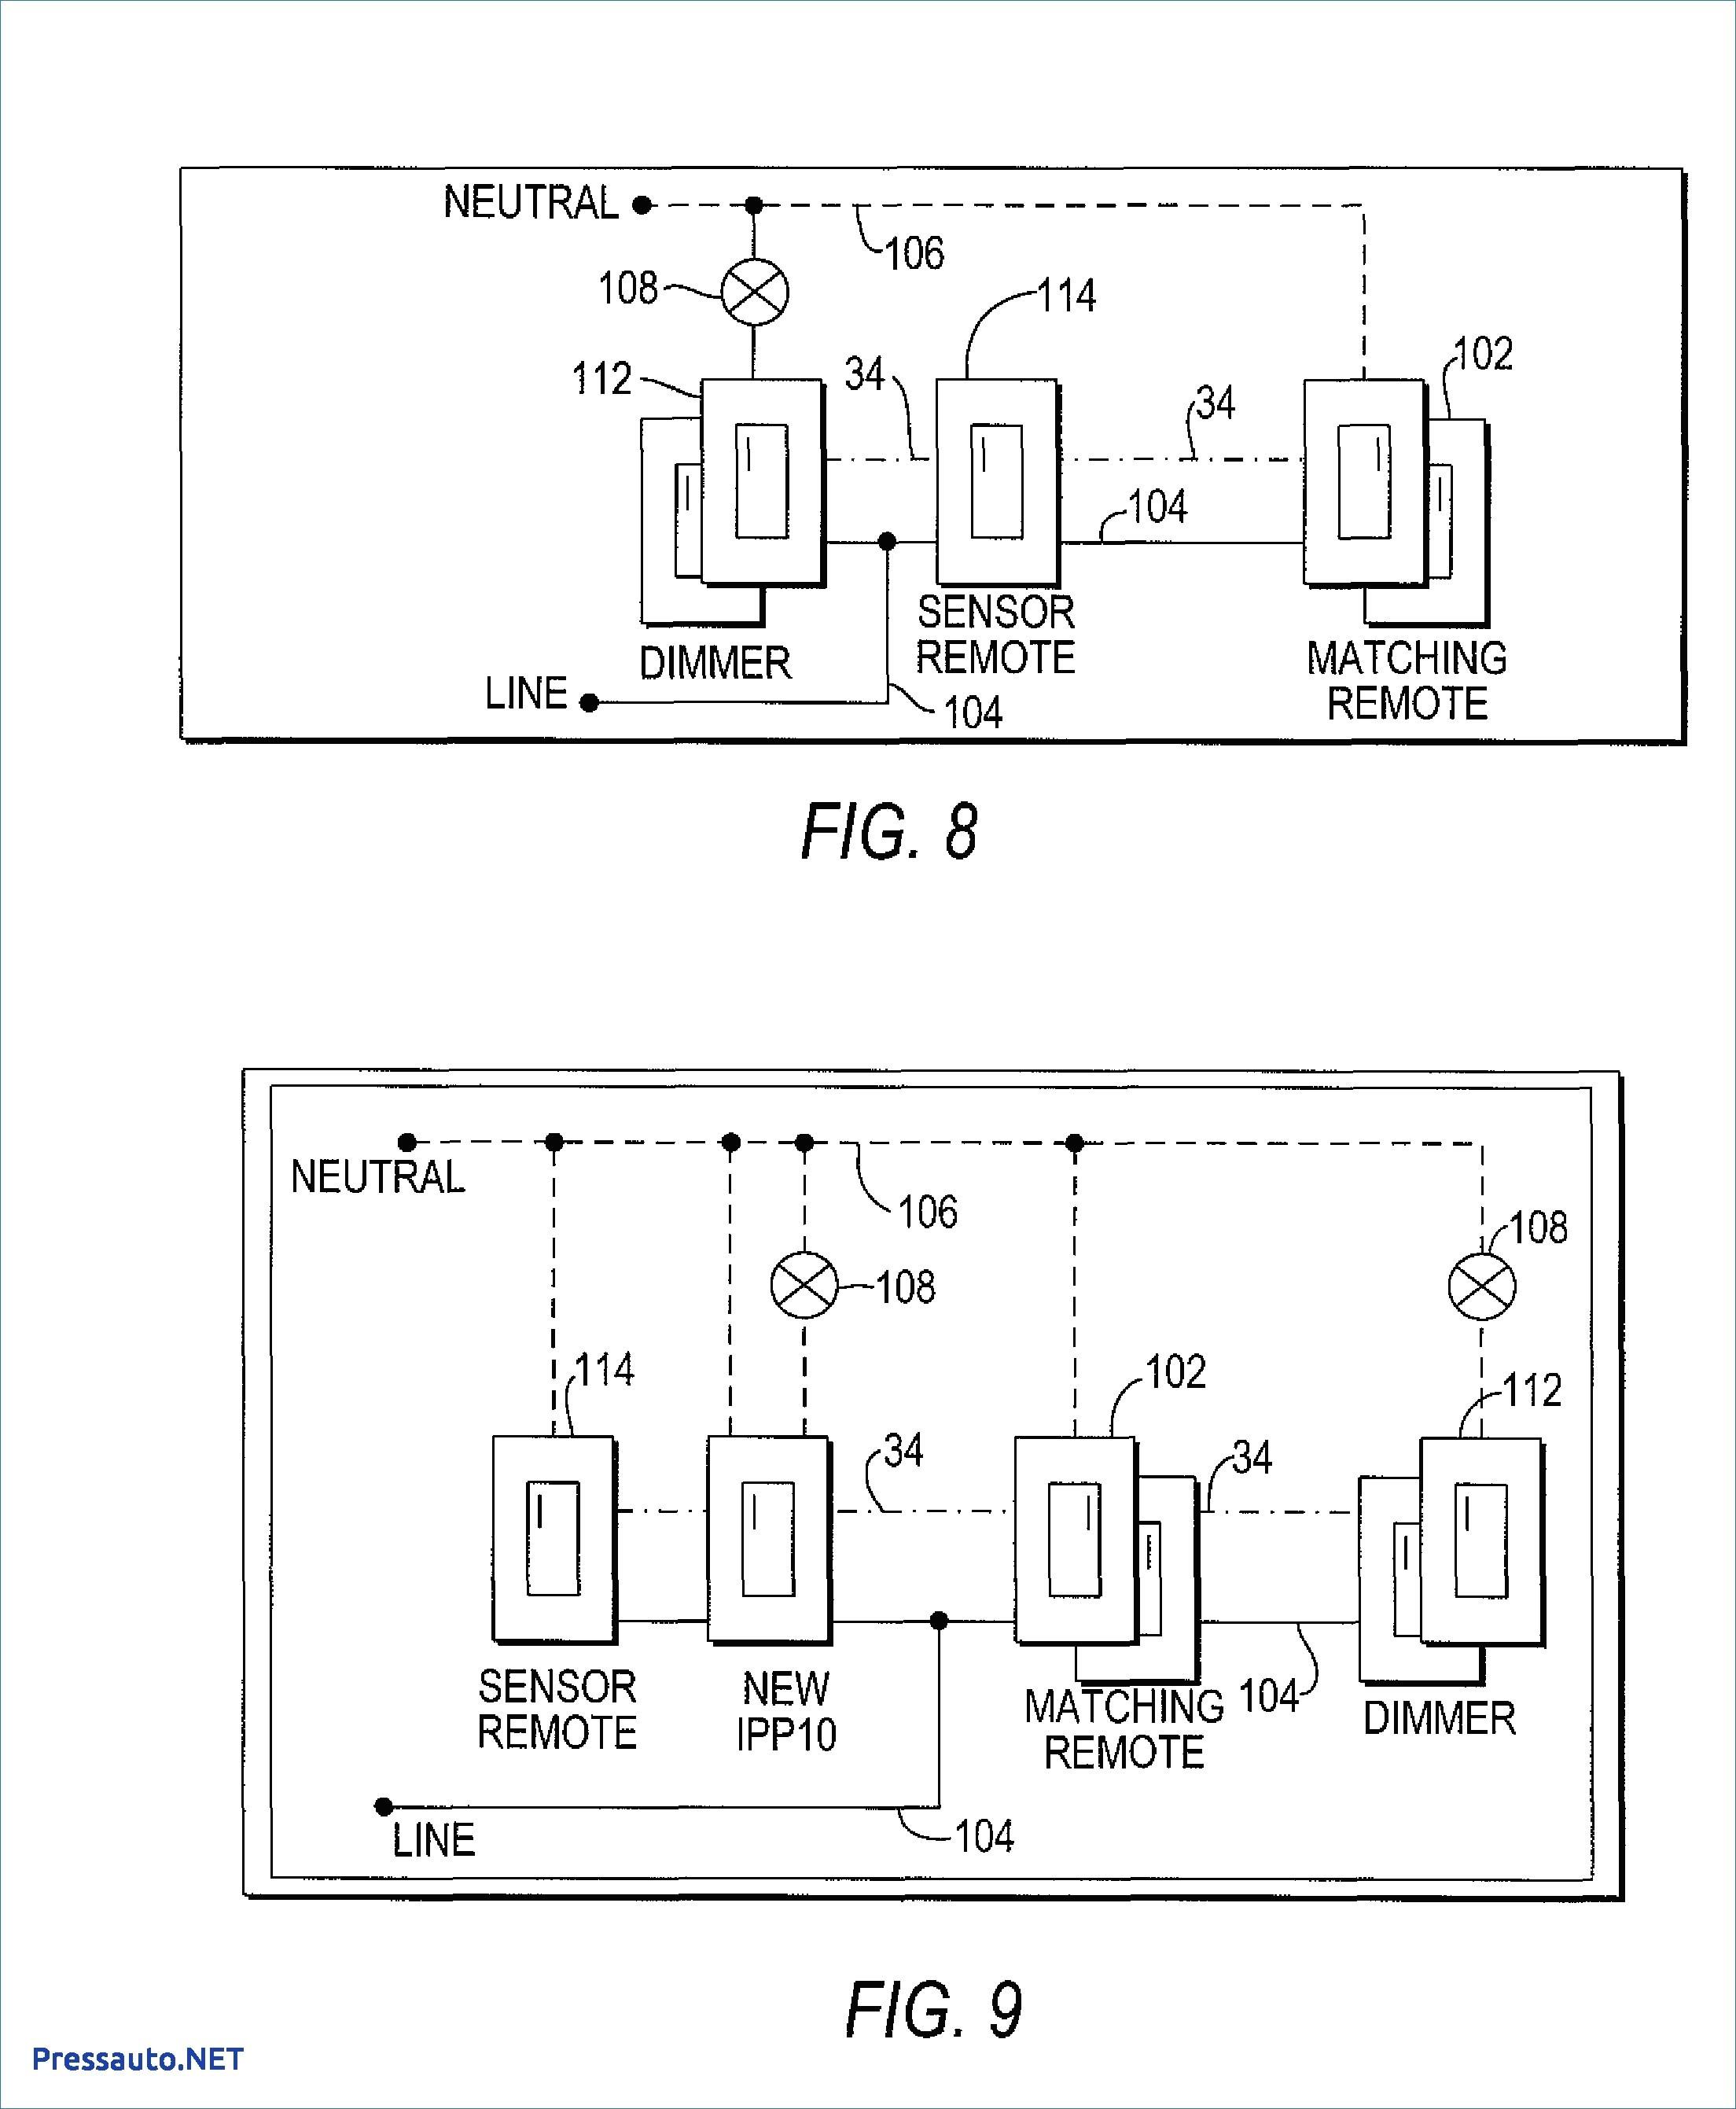 Lutron Caseta Wiring Diagram Collection Manual Guide